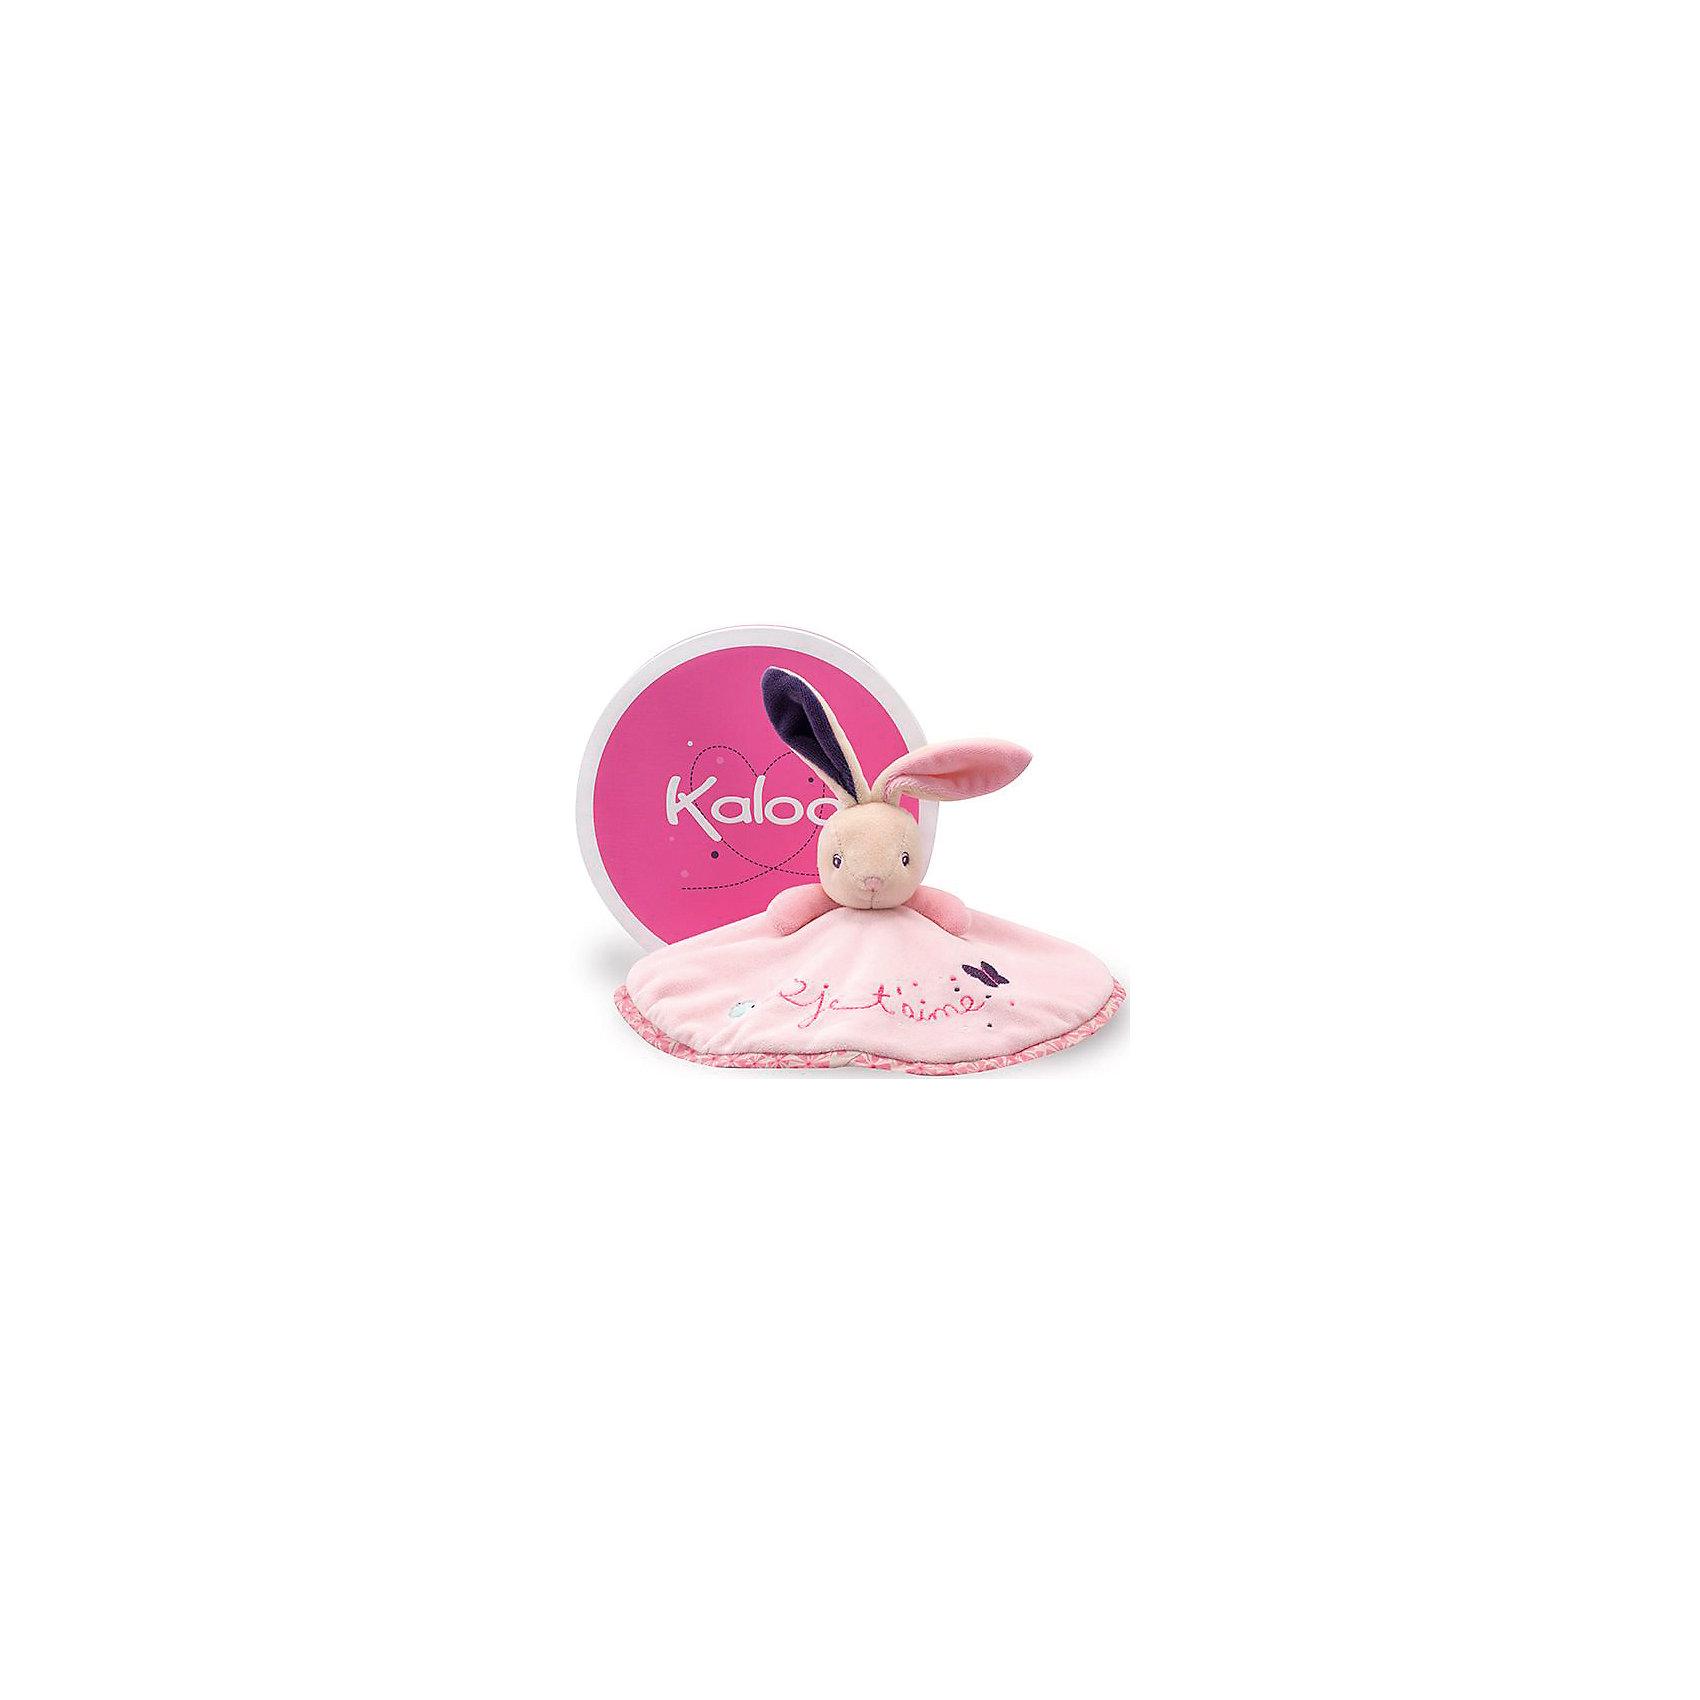 Заяц комфортер круглый, коллекция Розочка, KalooМаленький зайчонок Kaloo очень трогательная игрушка, которая позволит вашему малышу не только интересно проводить время в своей кроватке, но и легко засыпать. <br>Платье зайки выполнено в нежно розовых тонах и украшено вышивкой.<br><br>Дополнительная информация:<br><br>-Материал: ткань, искусственный мех<br>-Диаметр игрушки: 20 см<br>-Вес: 0.3 кг<br>-Размер упаковки: диаметр 18.5 см<br><br>Круглого розового зайца комфортер, коллекции Розочка, Kaloo можно купить в нашем интернет-магазине.<br><br>Ширина мм: 195<br>Глубина мм: 25<br>Высота мм: 240<br>Вес г: 400<br>Возраст от месяцев: 0<br>Возраст до месяцев: 1188<br>Пол: Унисекс<br>Возраст: Детский<br>SKU: 4862346